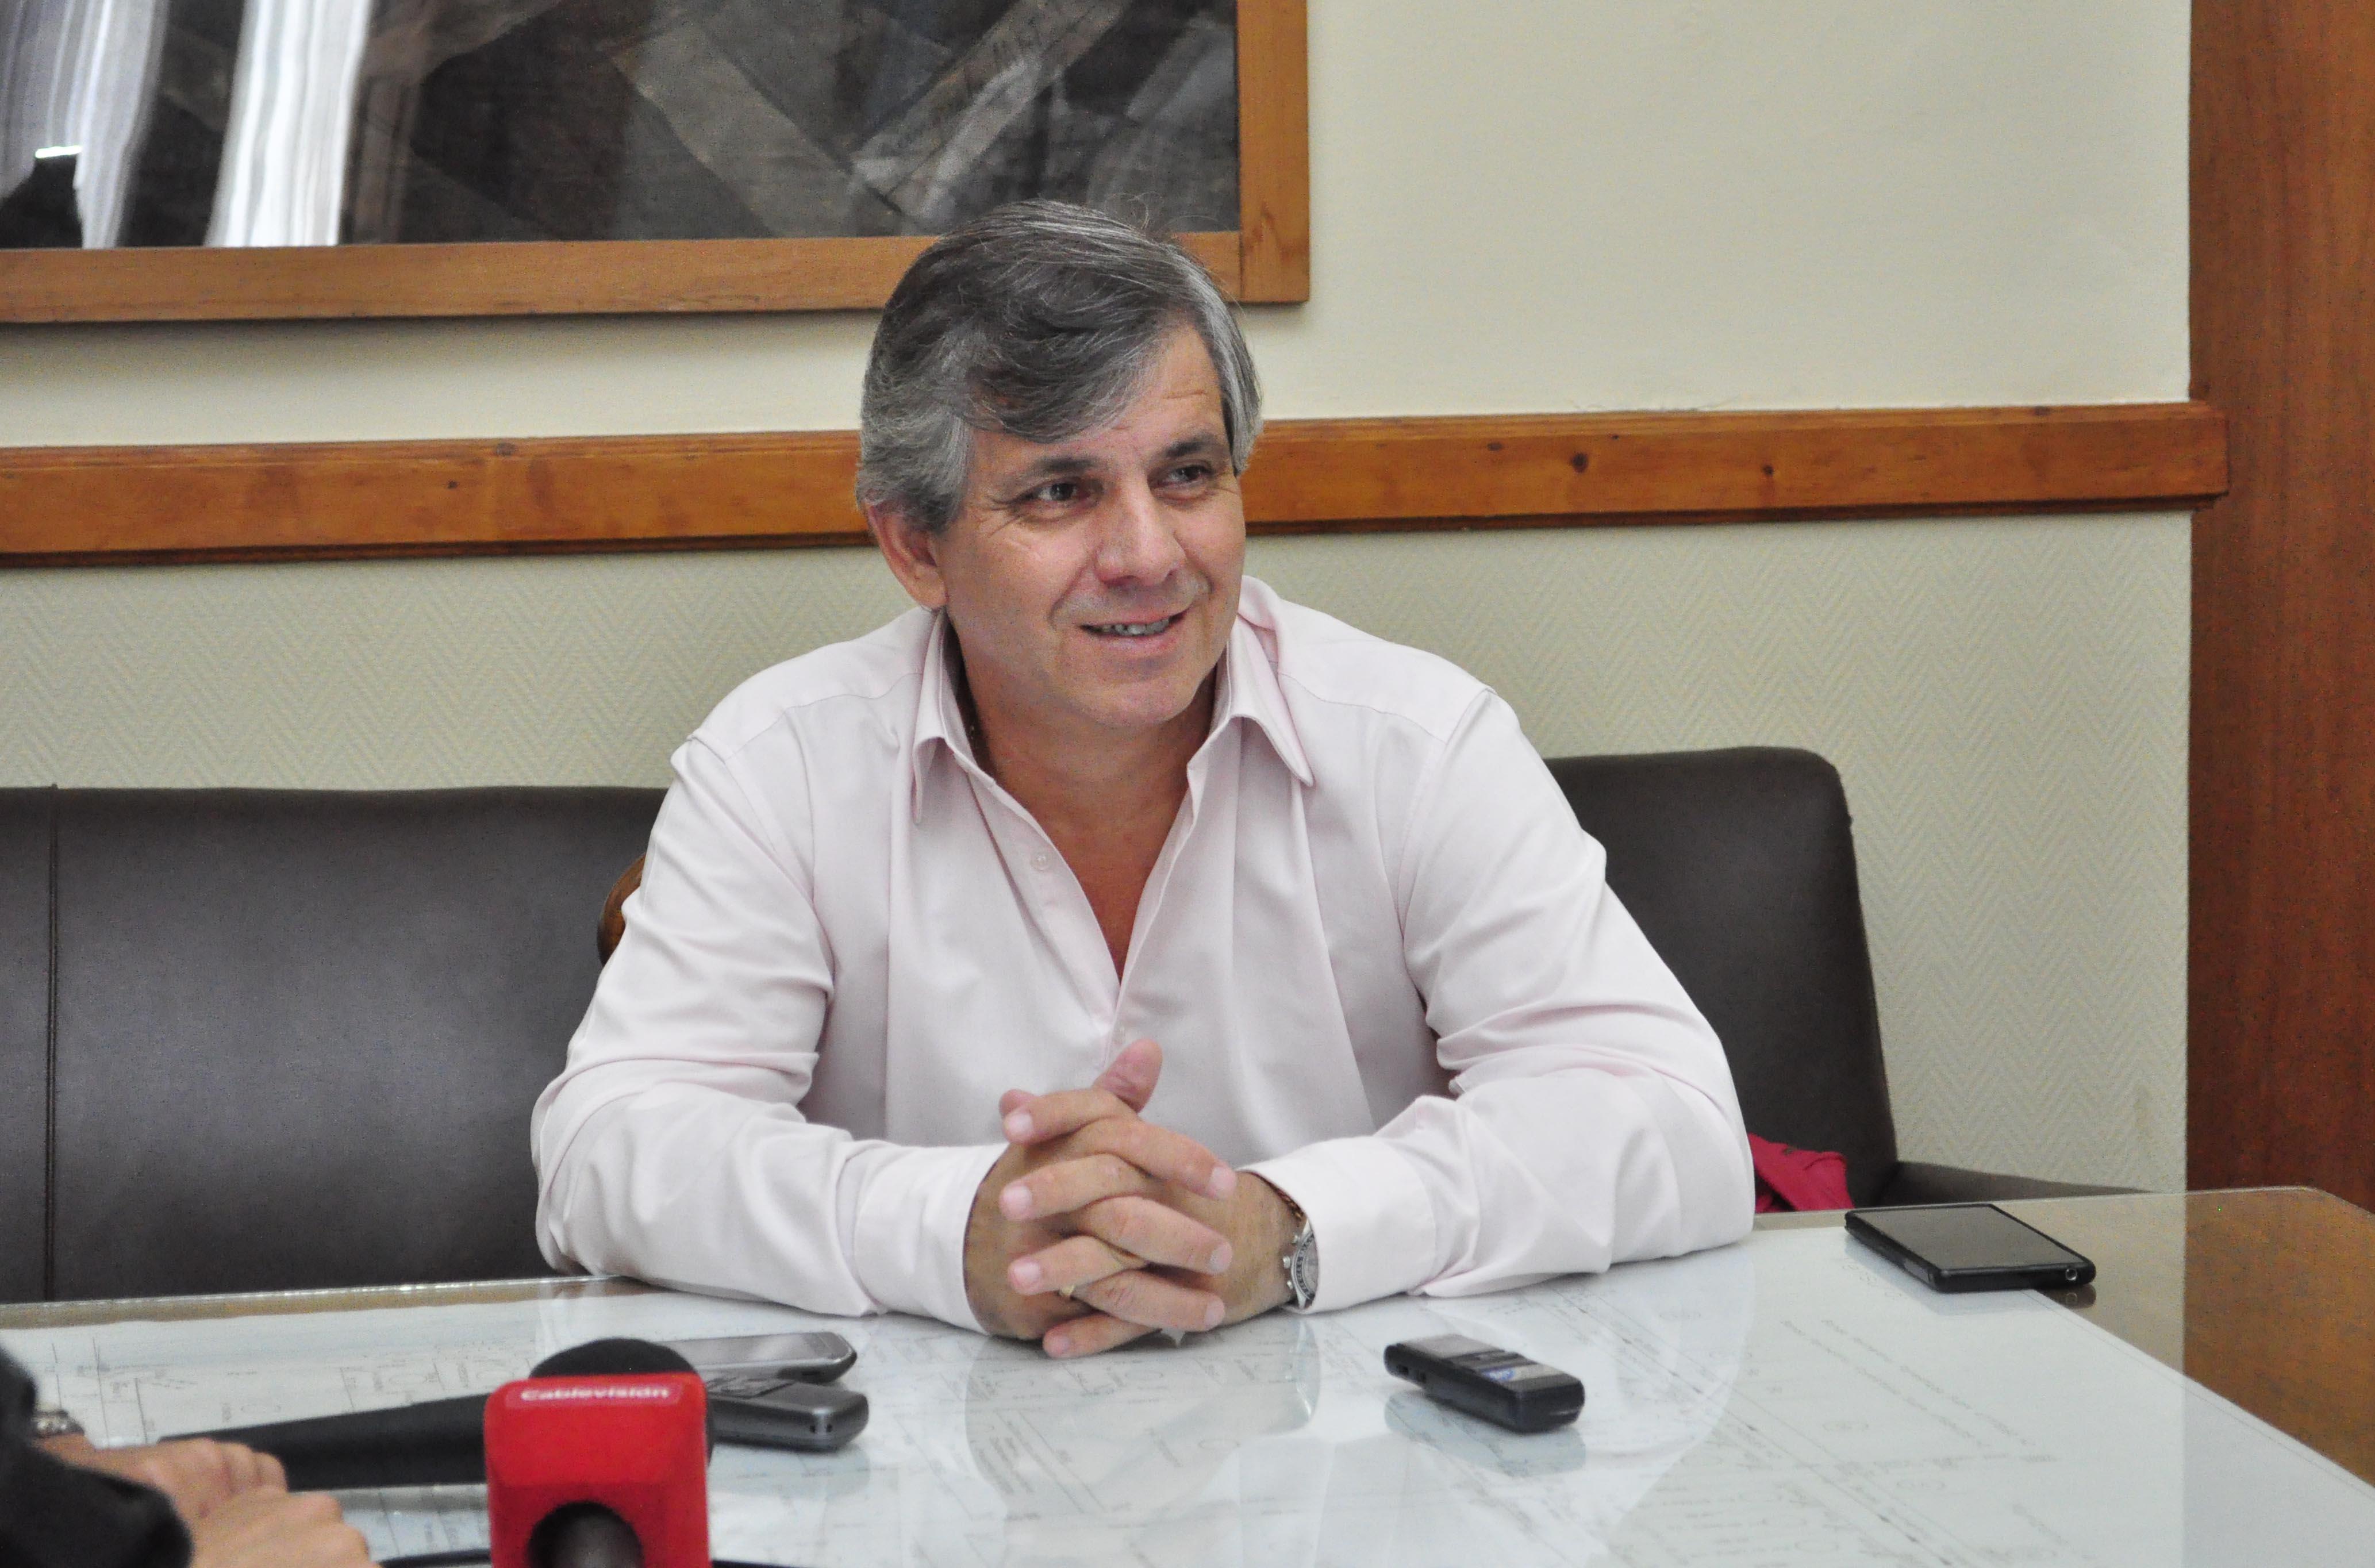 El Intendente Dr. Guillermo Britos en su despacho